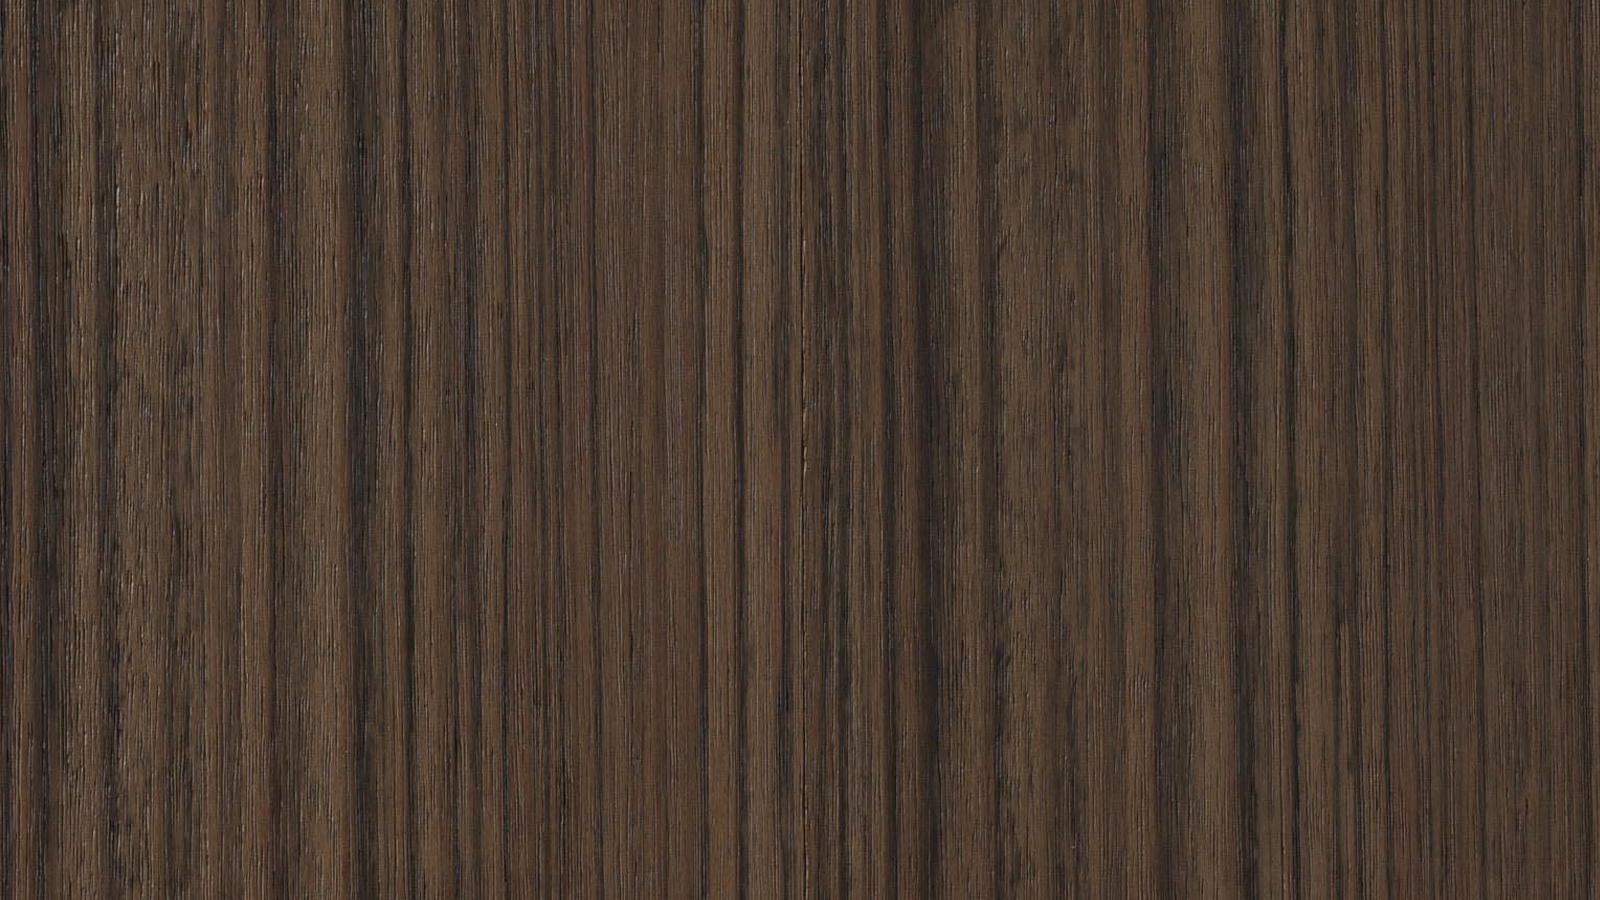 A Porro számos különleges felülettel ajánlja termékeit, melyek mindegyike a legfejlettebb technológiák által vált elérhetővé. A teljes színpaletta 26 fényes és matt lakk árnyalatot, valamint 17 féle fa felületet tartalmaz, melyek variációi egyedi és különleges kombinciók elérését teszi lehetővé. A Mongoi fa például (képünkön) meleg és otthonos hatást kelt.